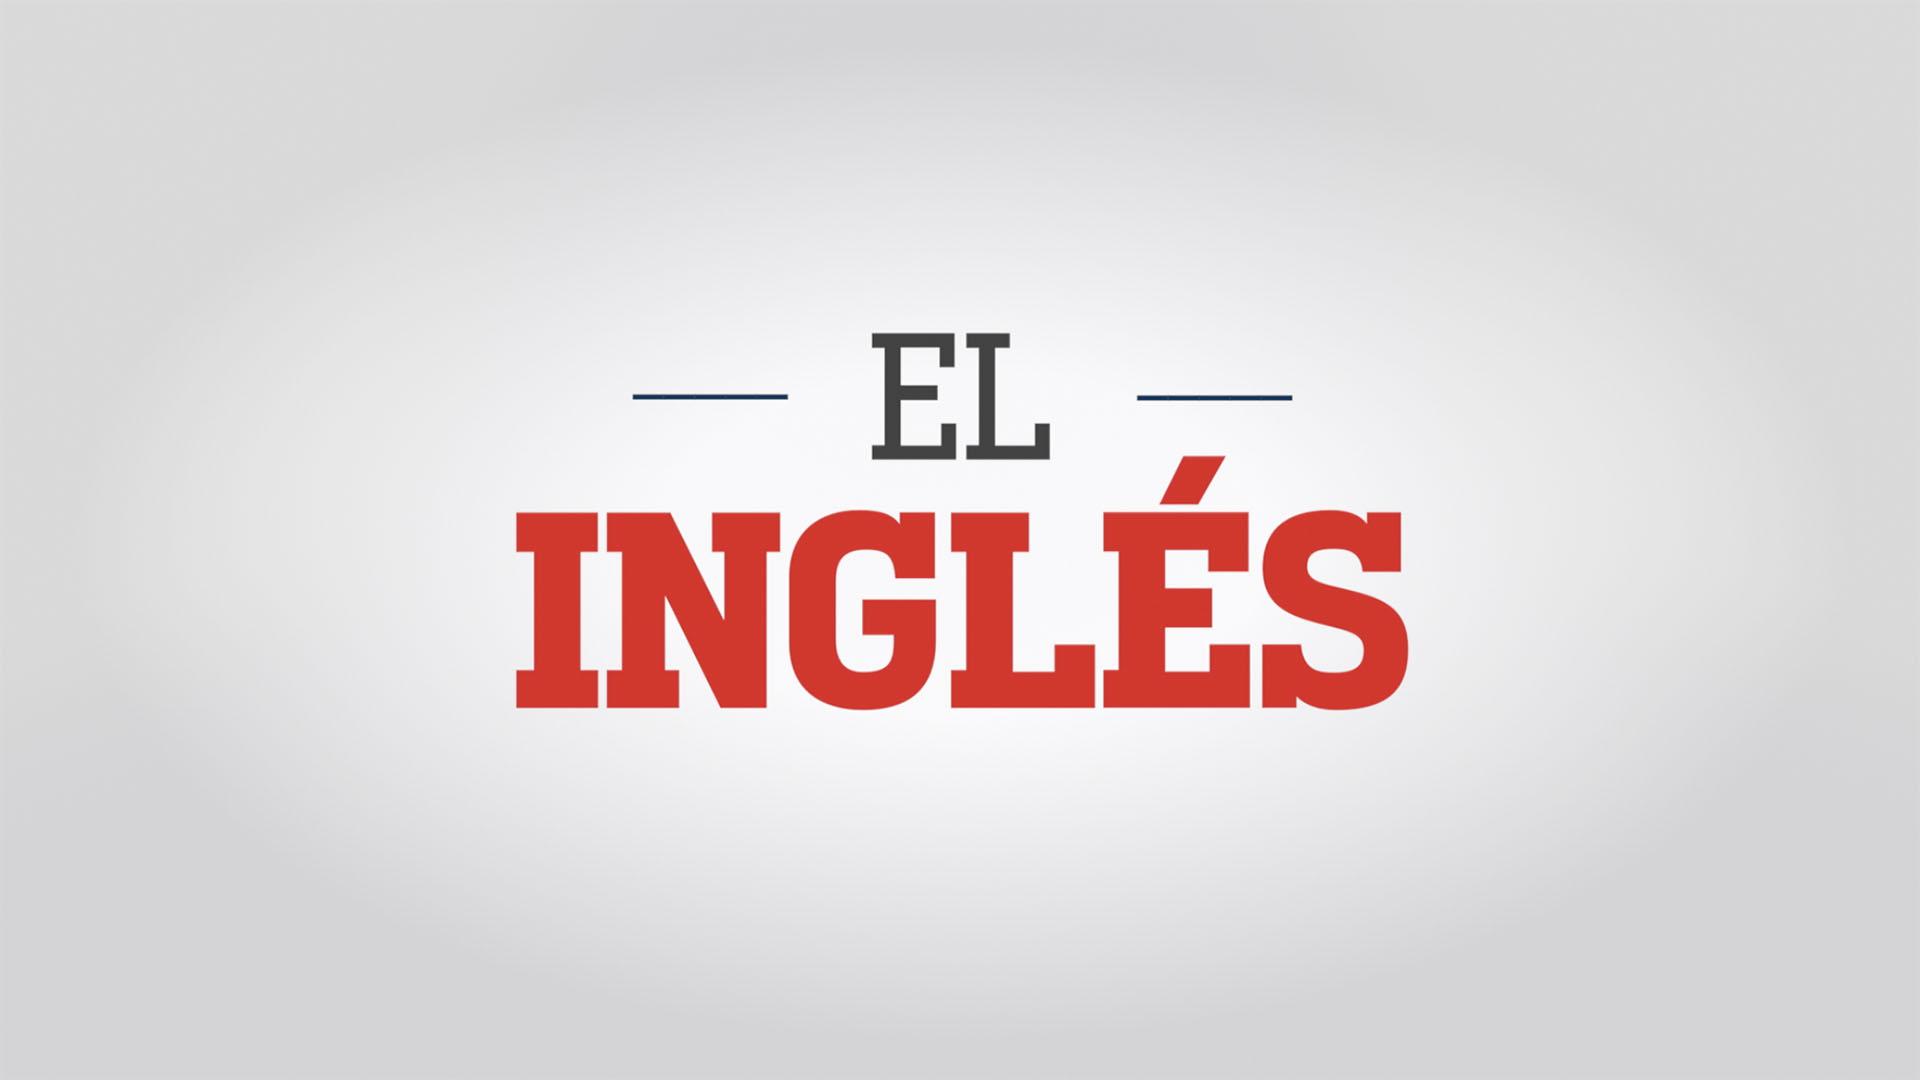 Puerto rico en datos el ingl s el nuevo d a - Nacionalidad de puerto rico en ingles ...